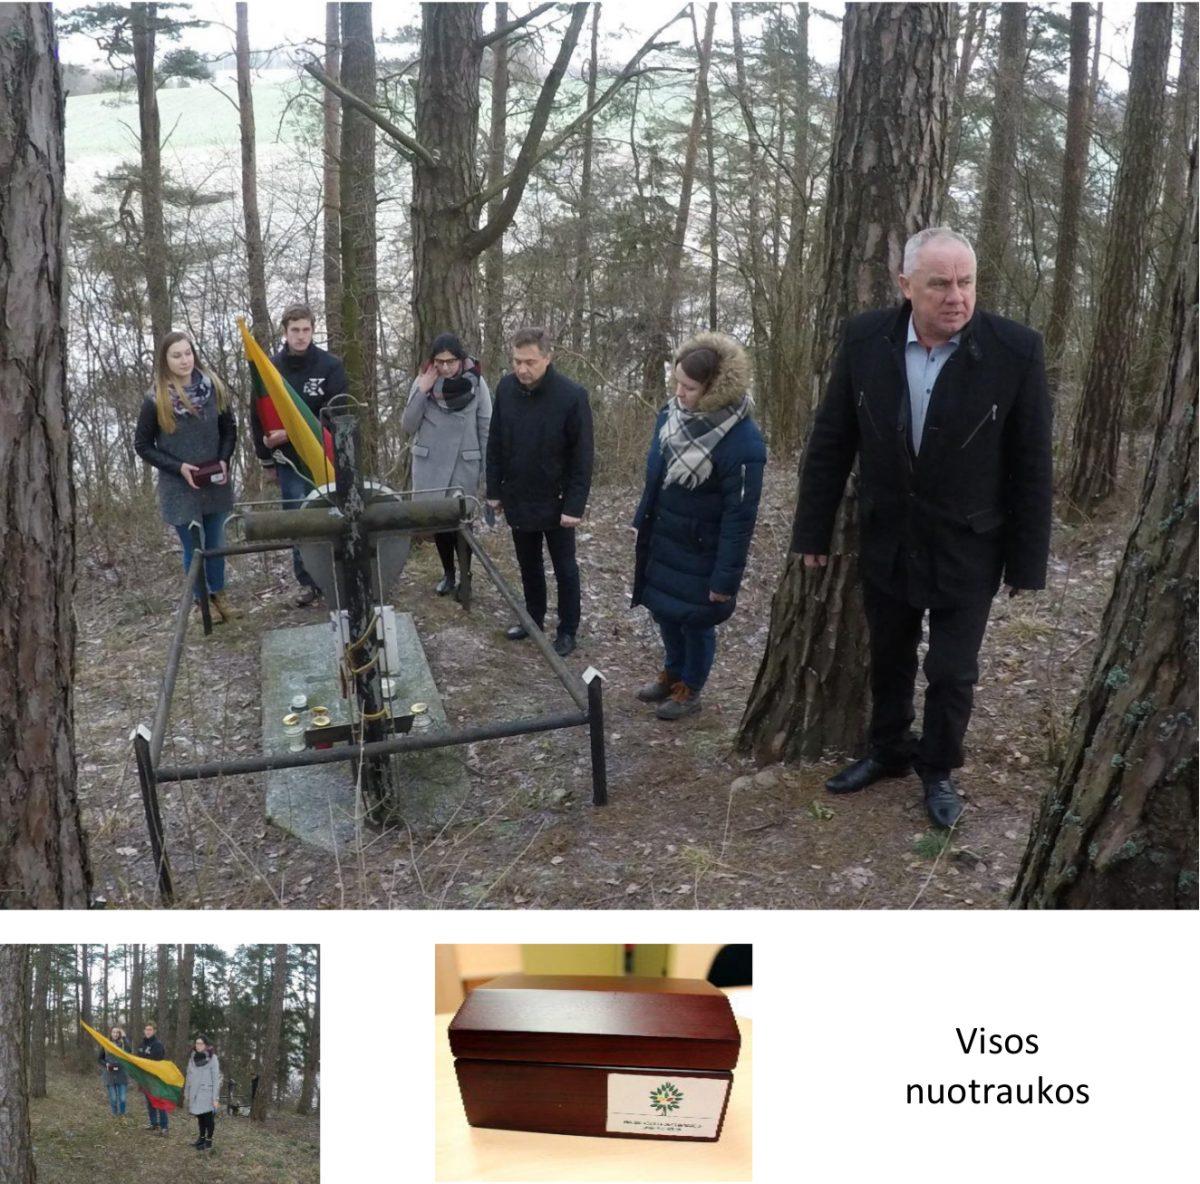 Žemės paimtos iš Lietuvos partizanų žuvimo vietos Šlynakiemyje